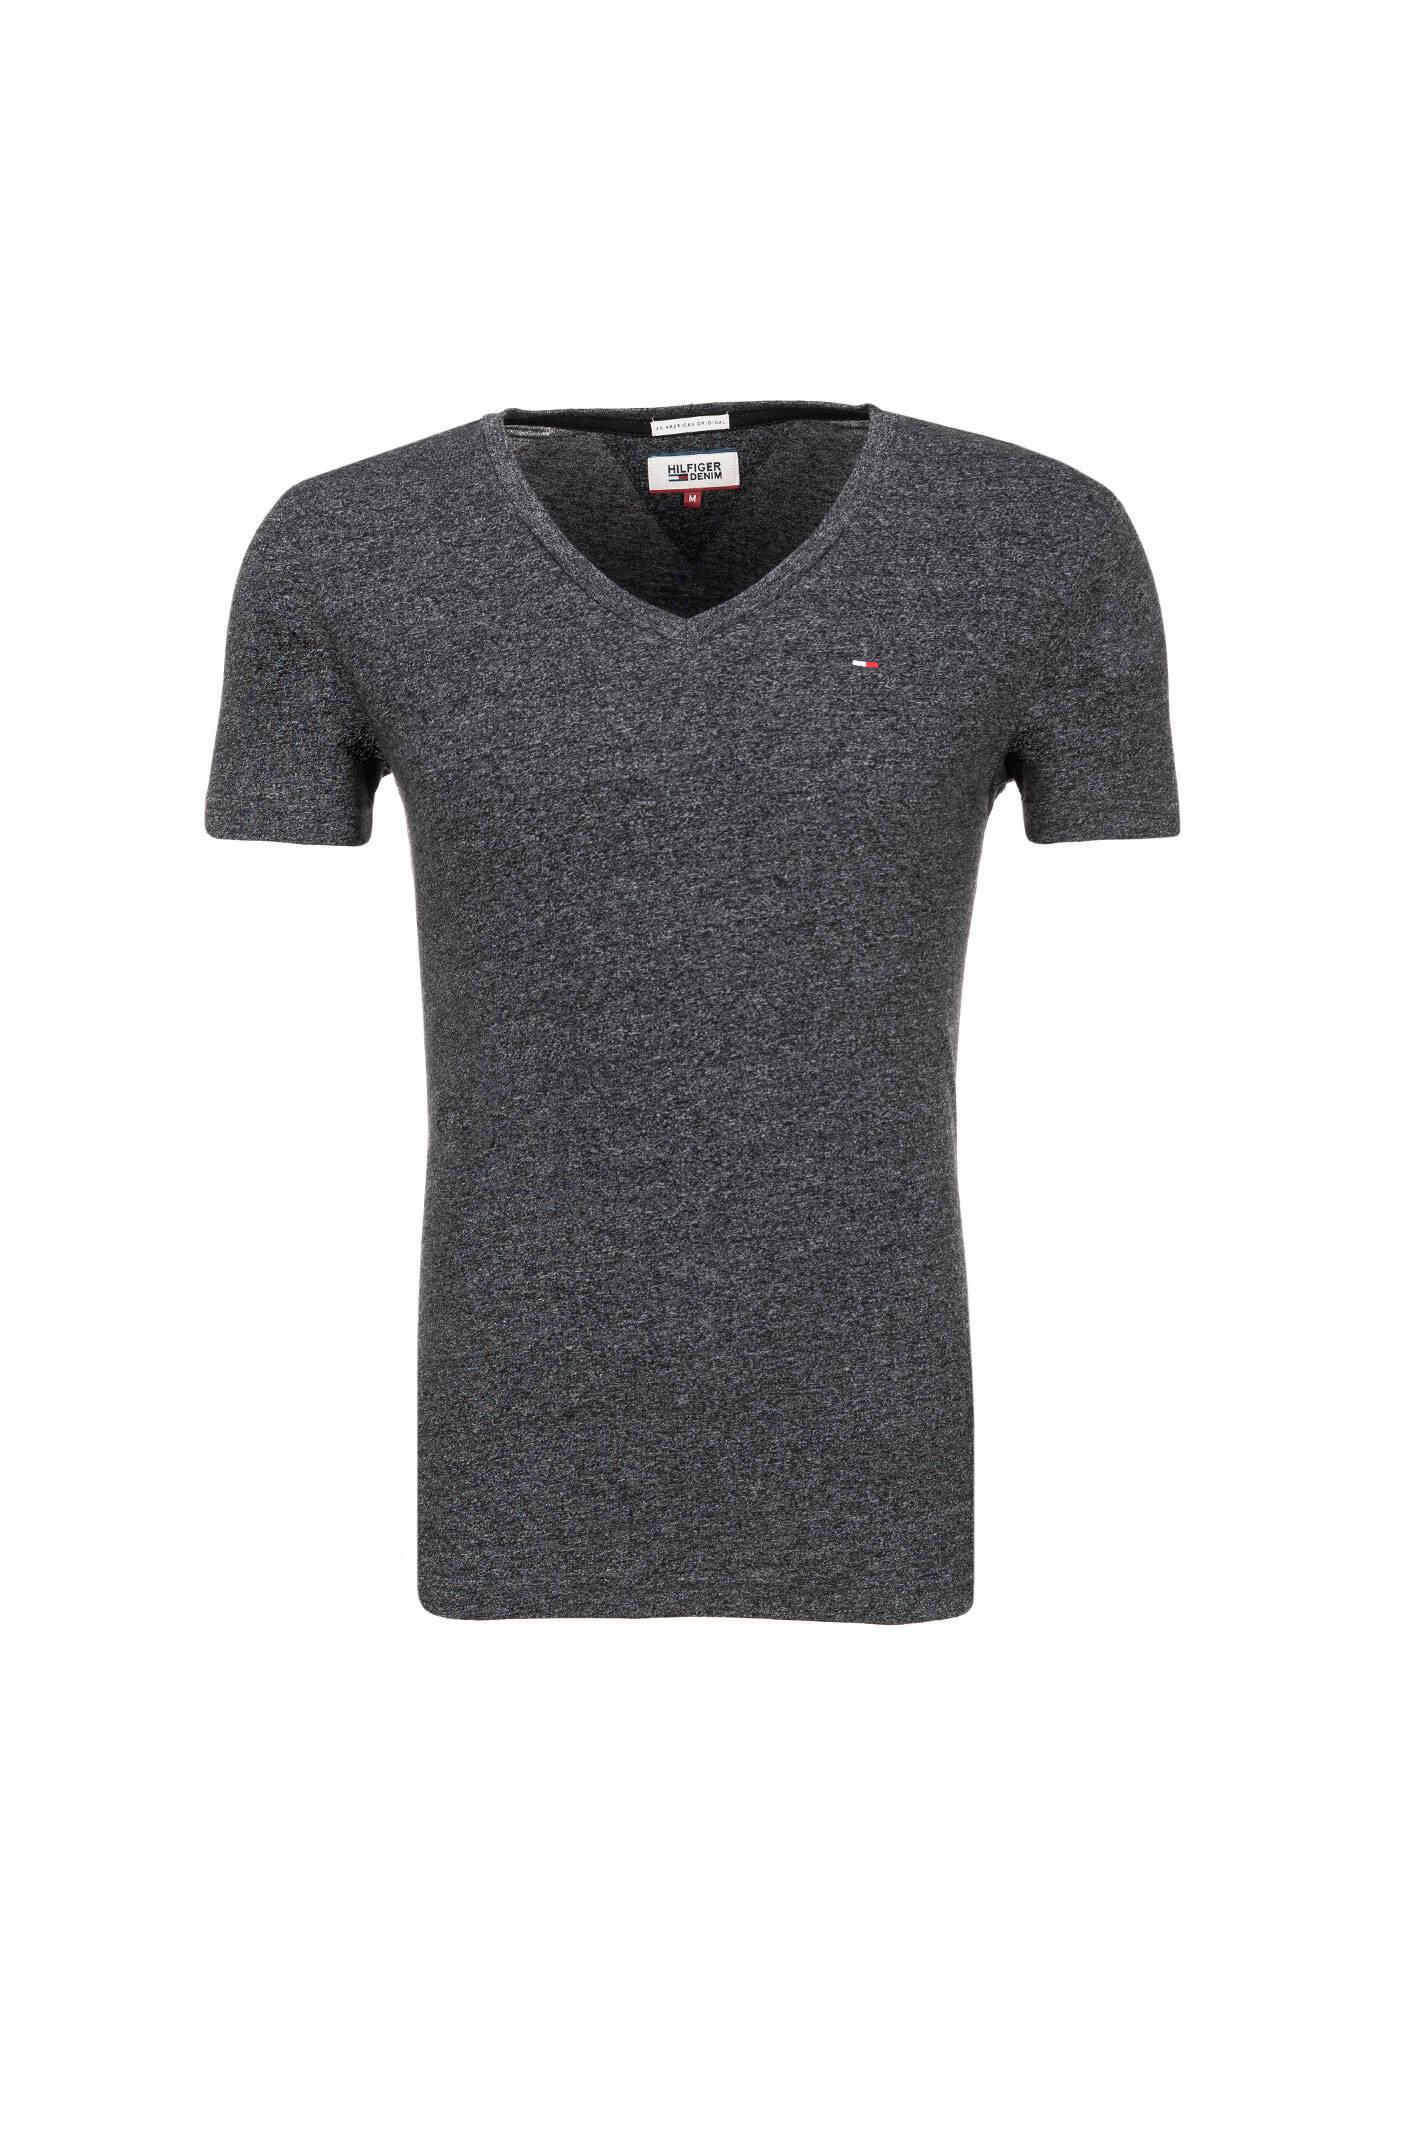 shirt hilfiger denim charcoal t shirts. Black Bedroom Furniture Sets. Home Design Ideas